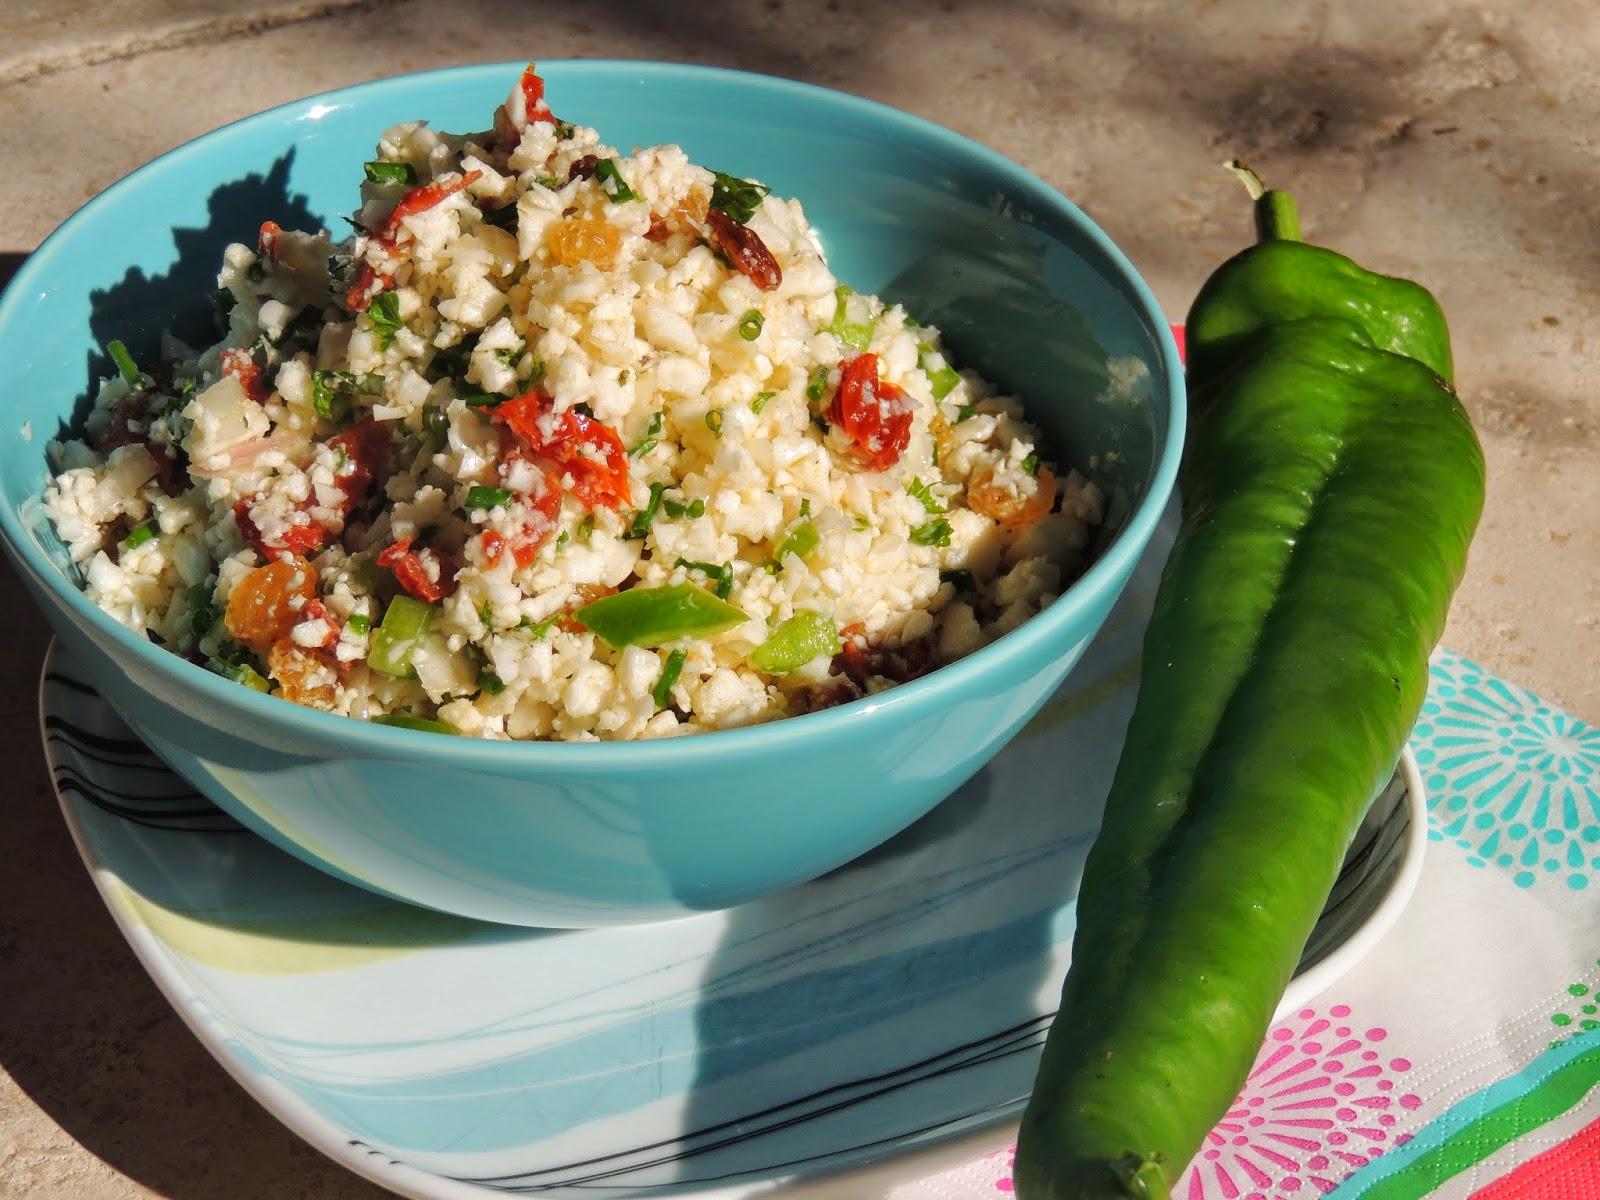 midi cuisine taboul de choux fleur au poivron salade recette l g re. Black Bedroom Furniture Sets. Home Design Ideas